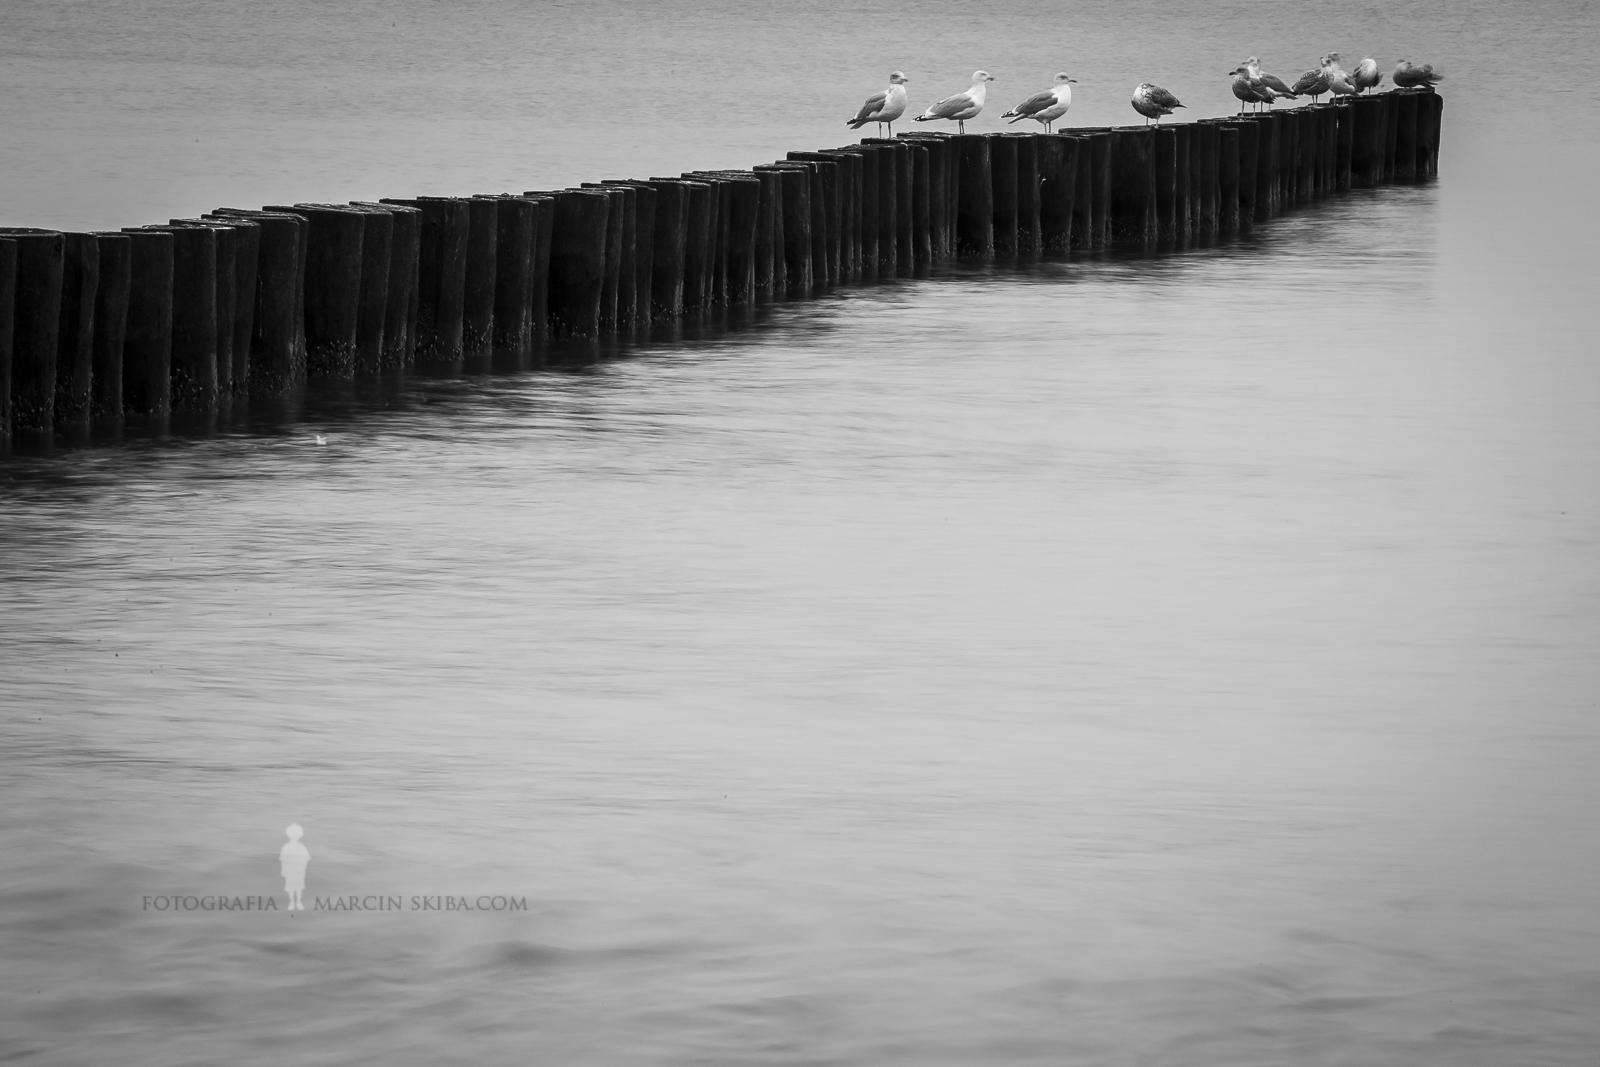 Bałtyk-Morze-Bałtyckie-Ustronie-Morskie-17